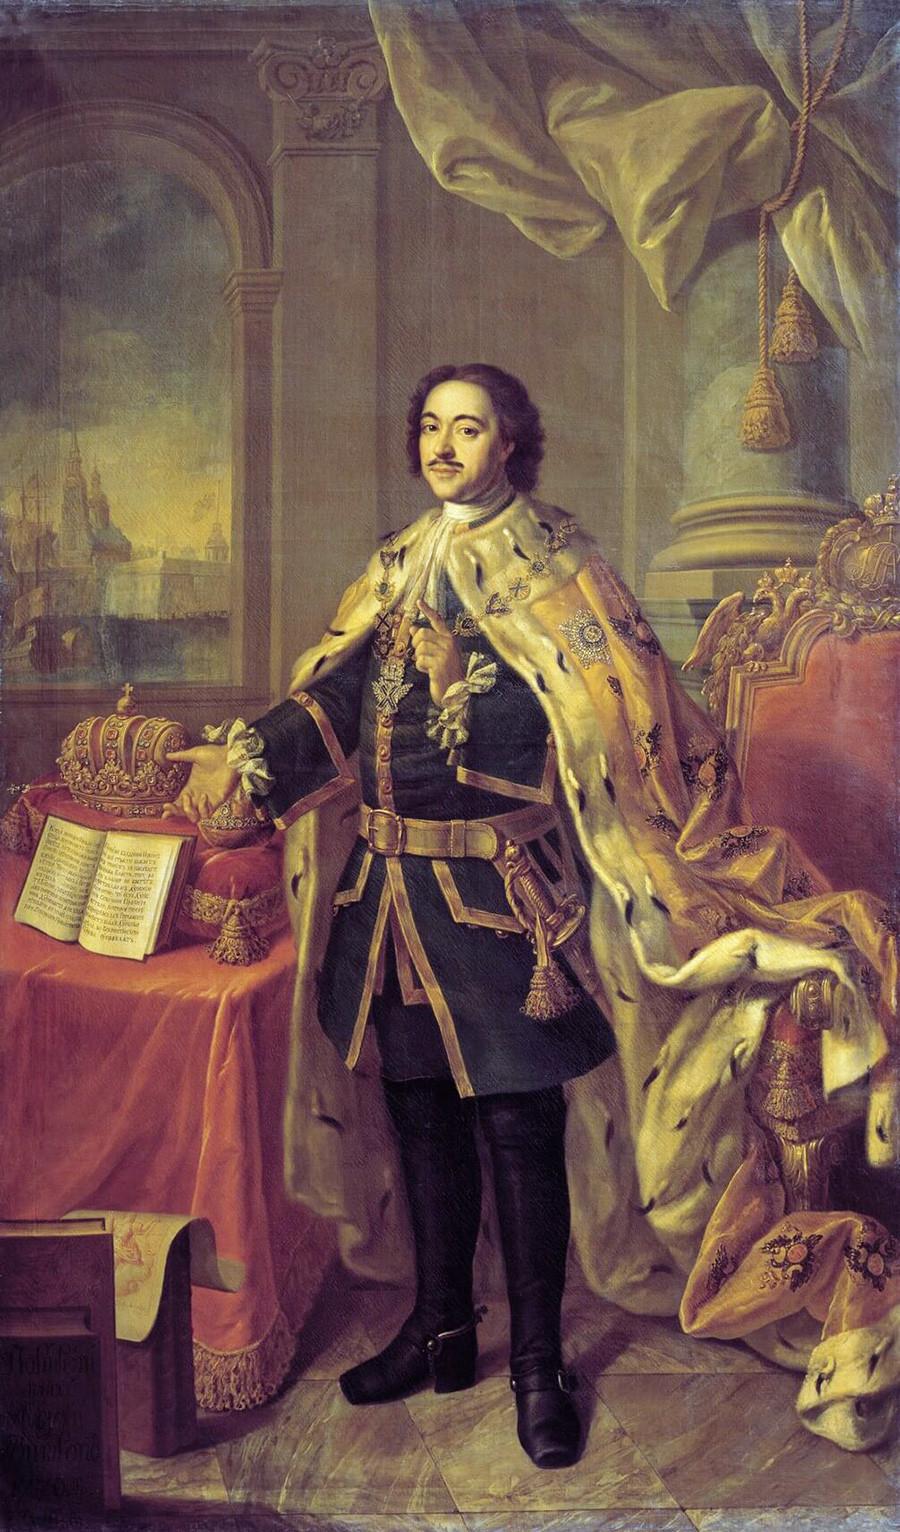 Portrait de Pierre le Grand, Alekseï Antropov